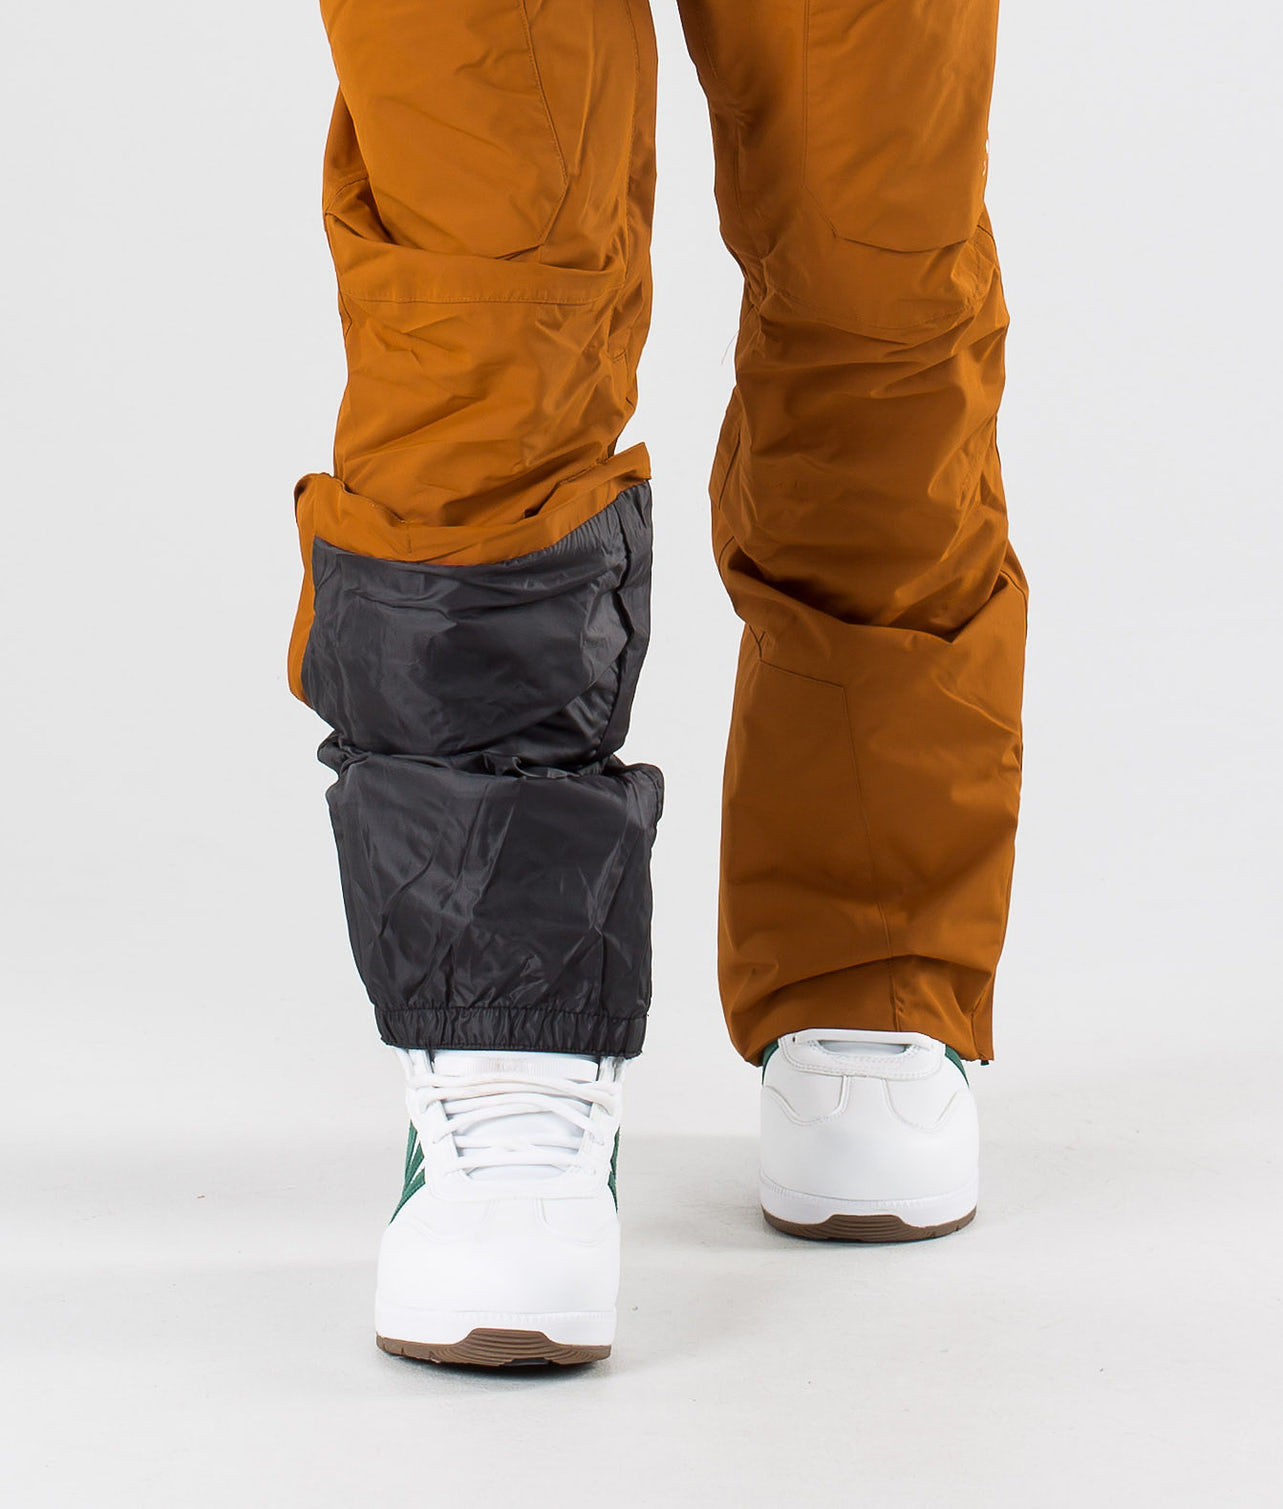 Kjøp Shadow Snowboardbukse fra WearColour på Ridestore.no - Hos oss har du alltid fri frakt, fri retur og 30 dagers åpent kjøp!